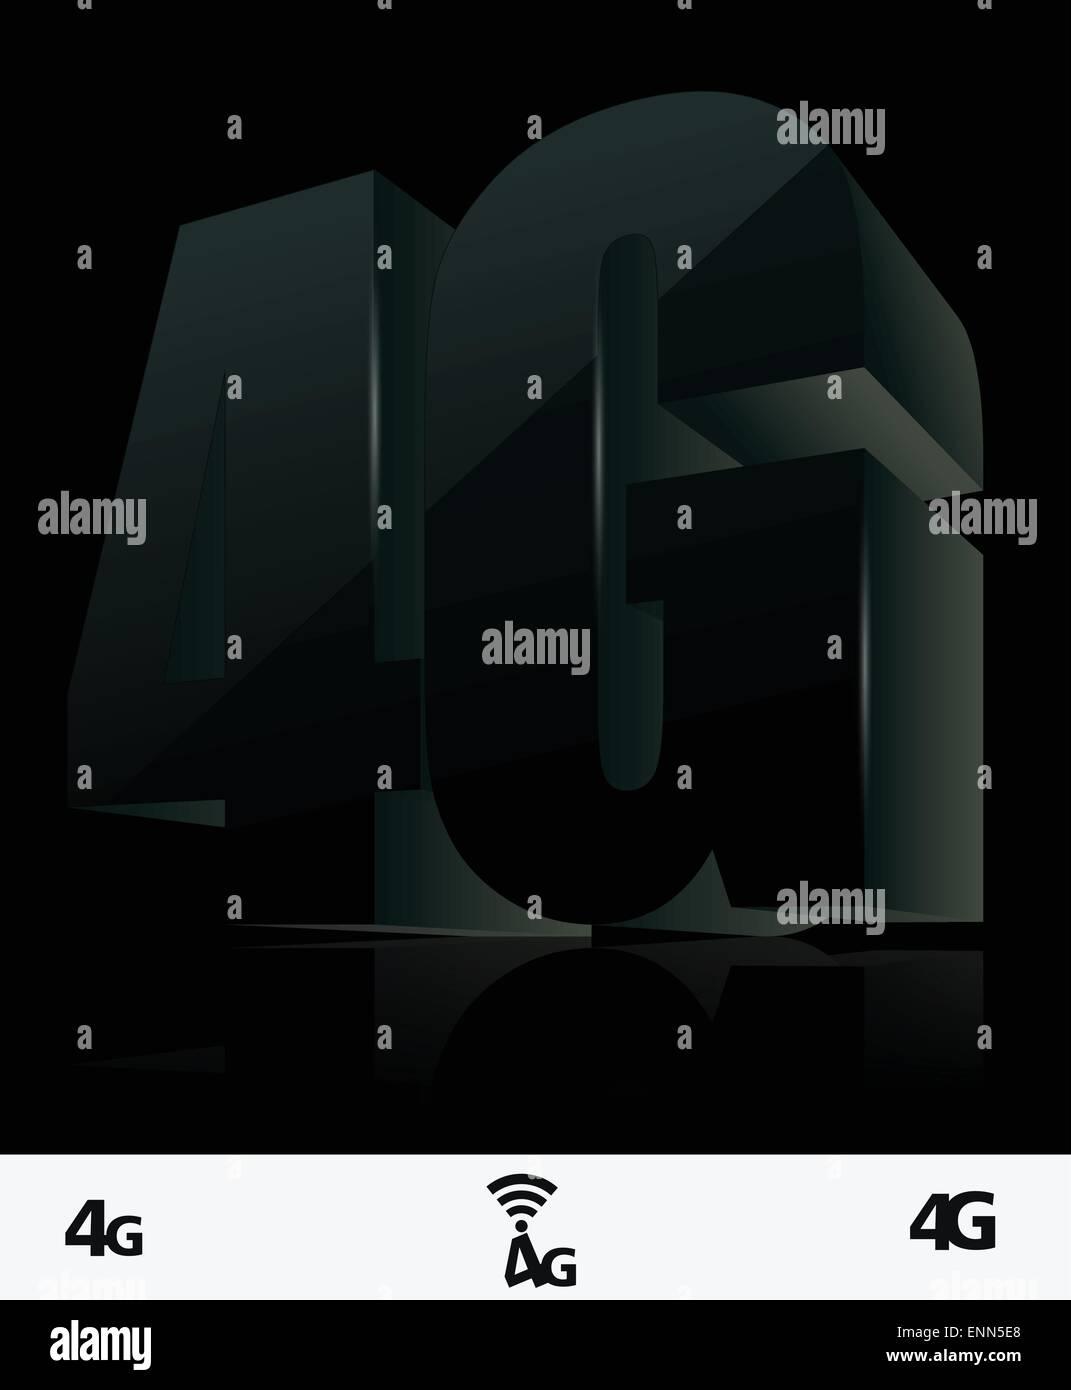 4G icon - Stock Vector